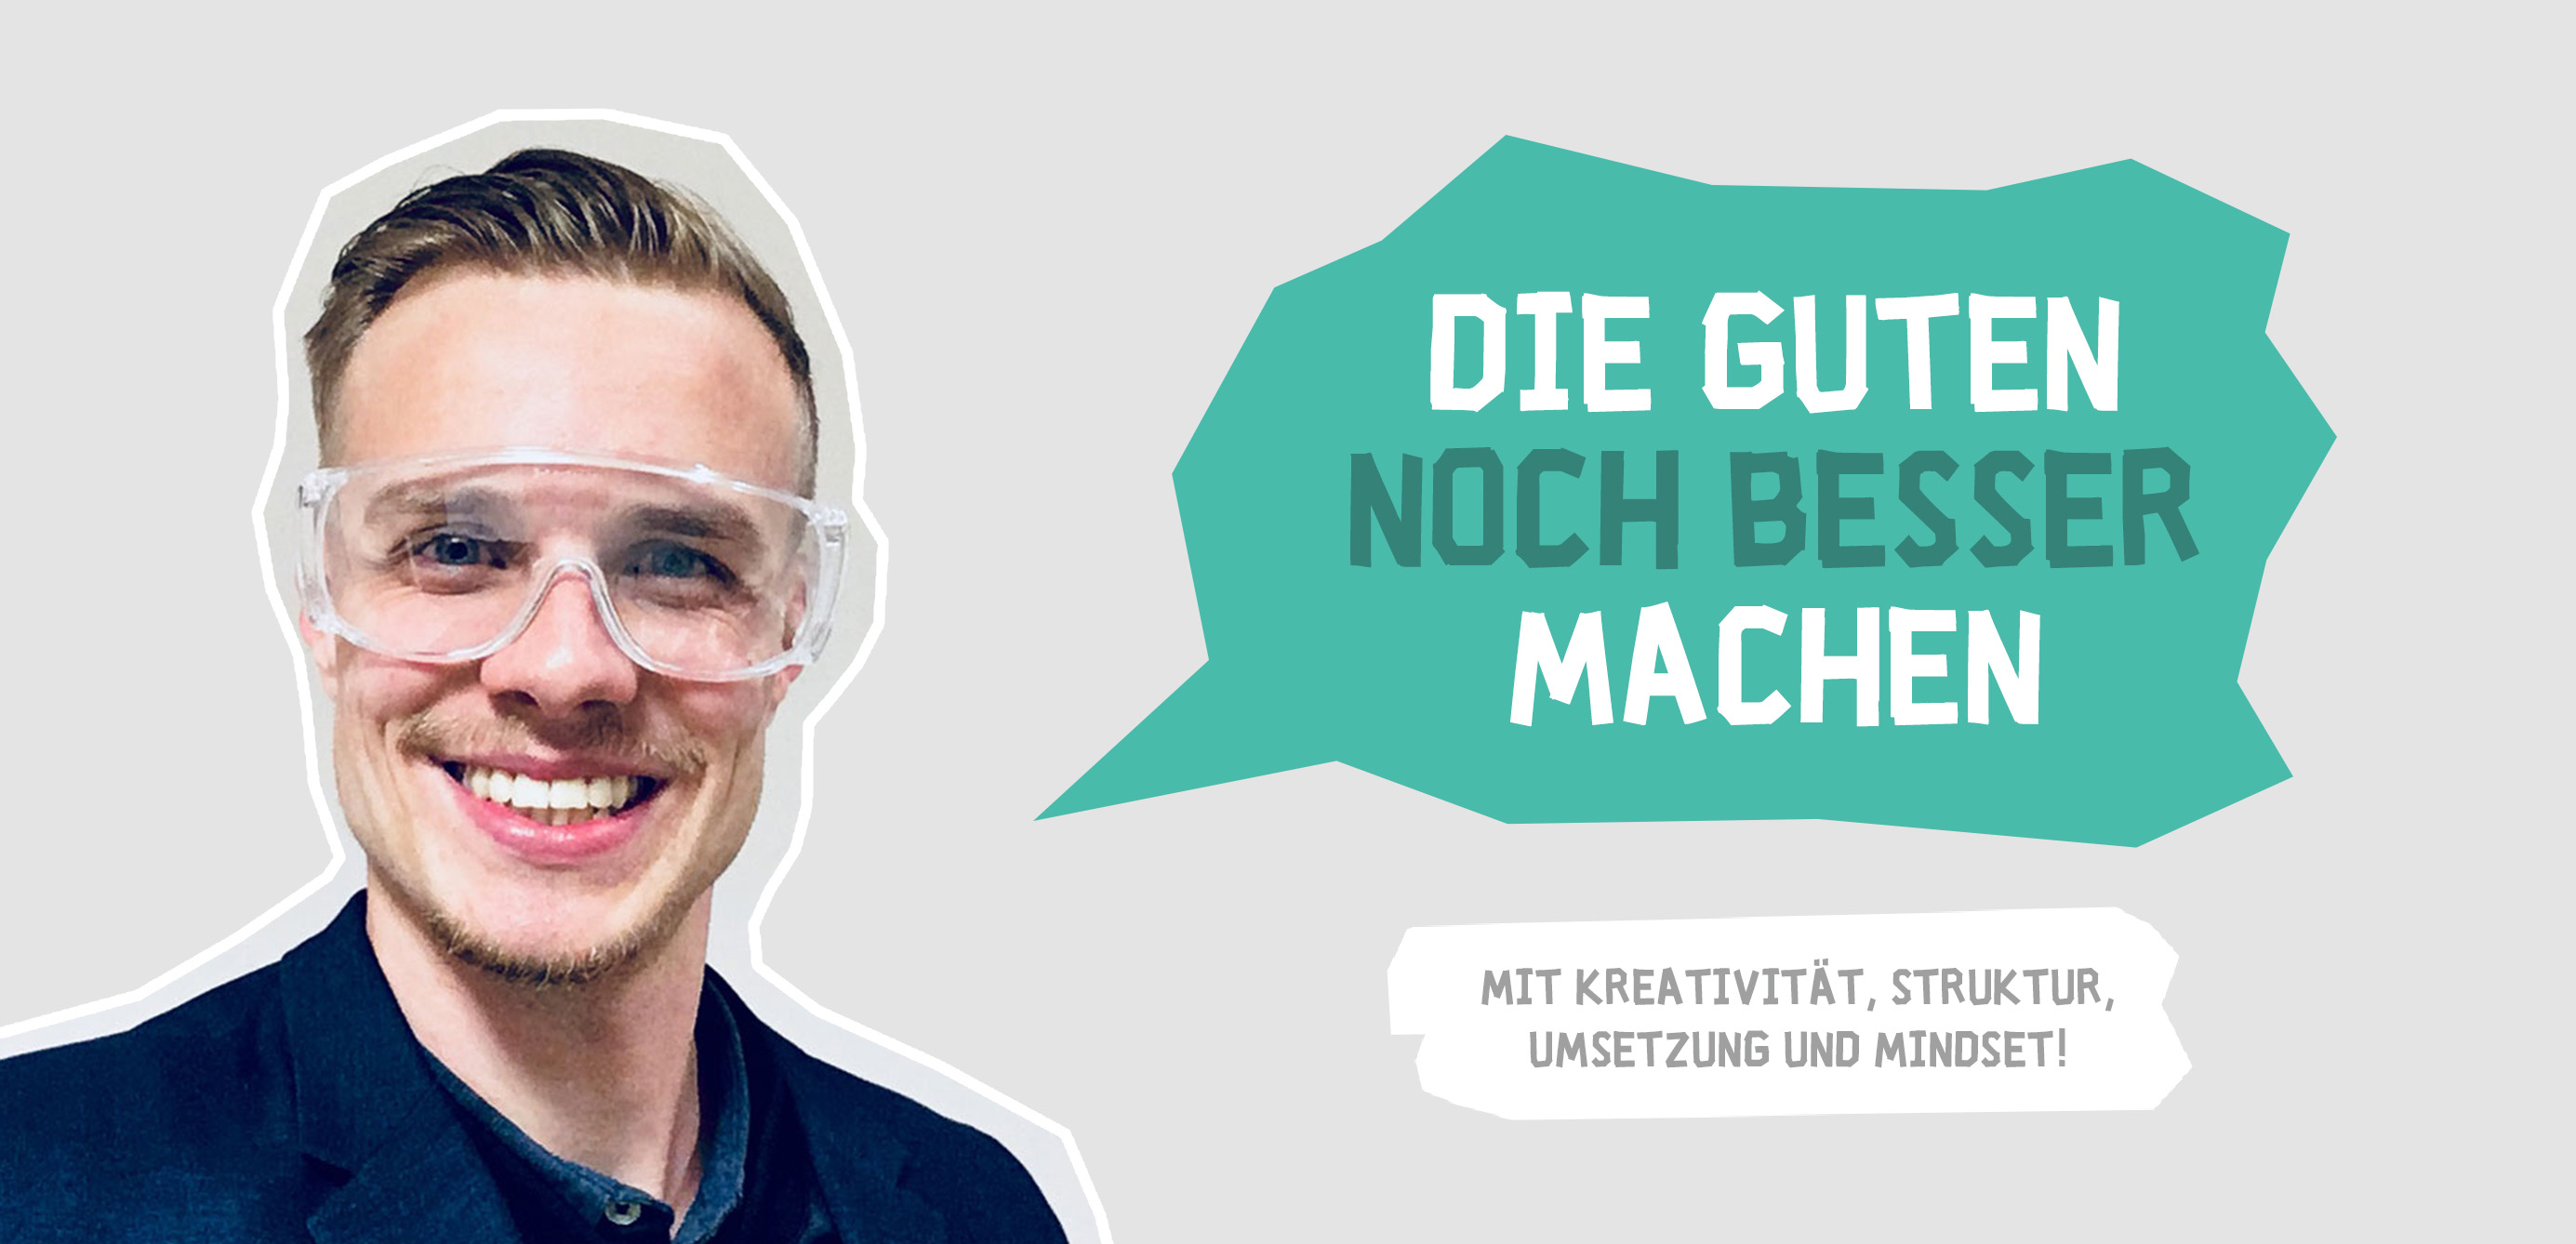 ideenmacher_diegutennochbesser